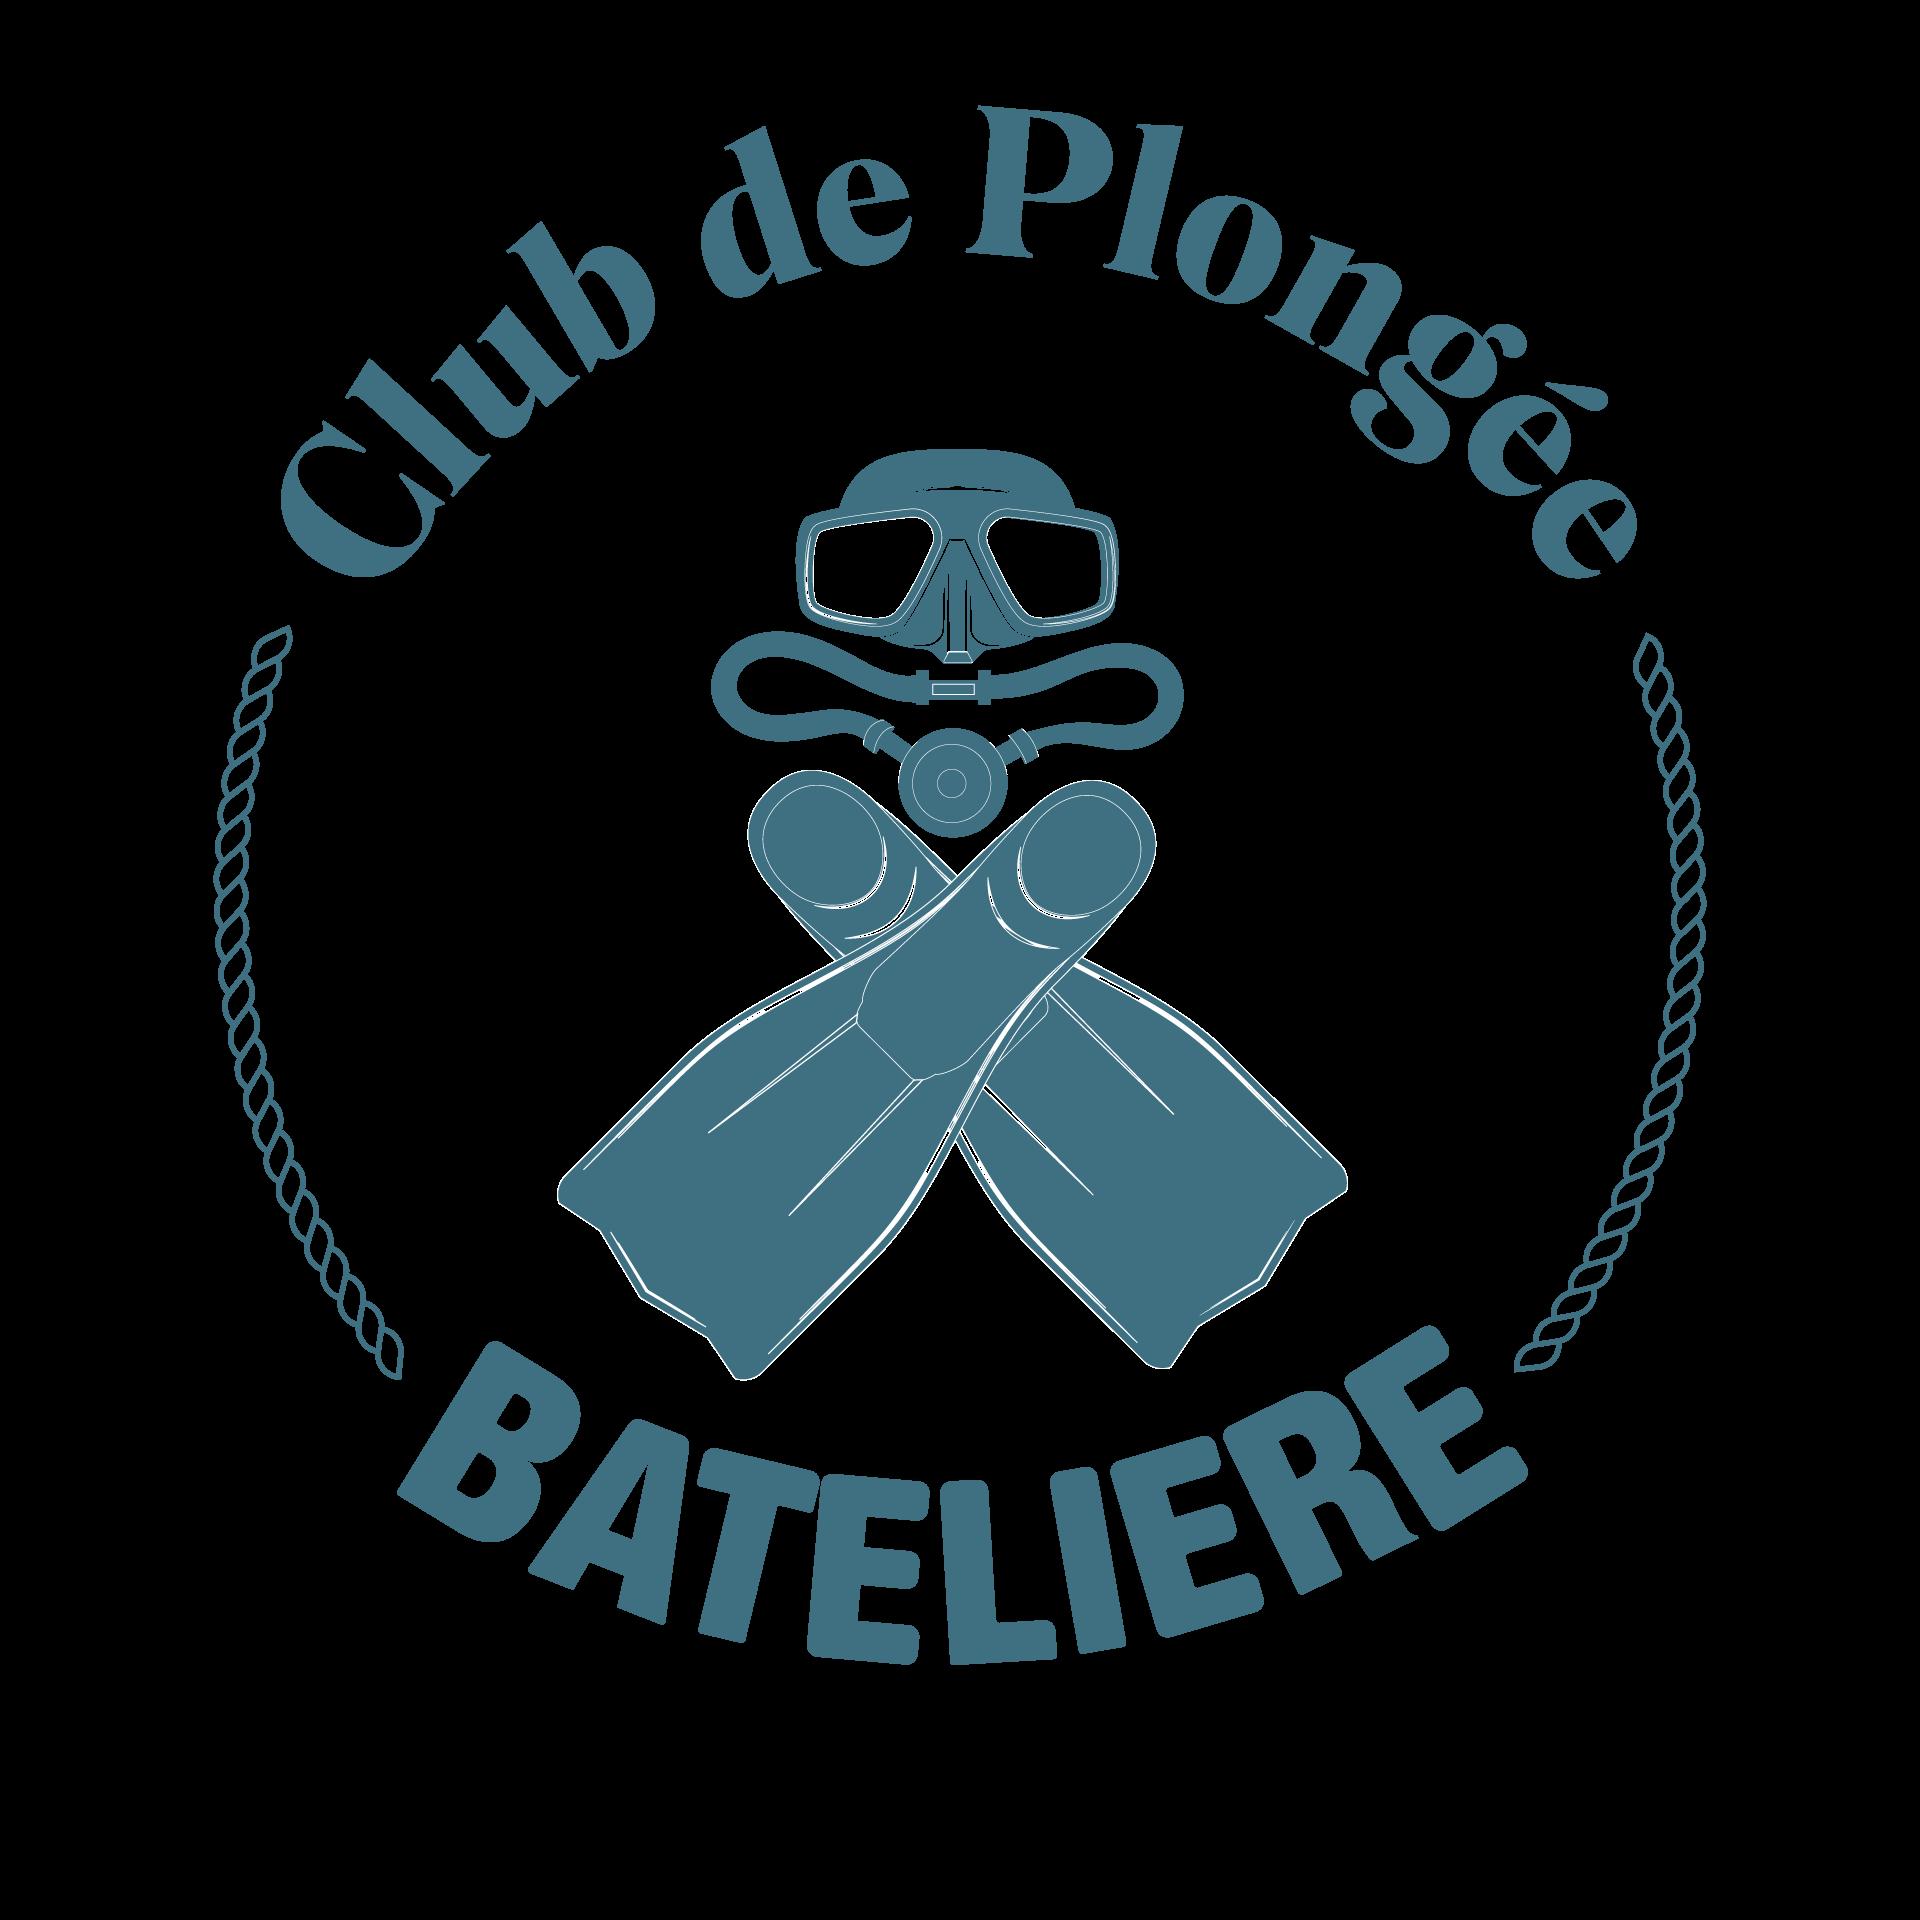 Logo club de plongée bateliere